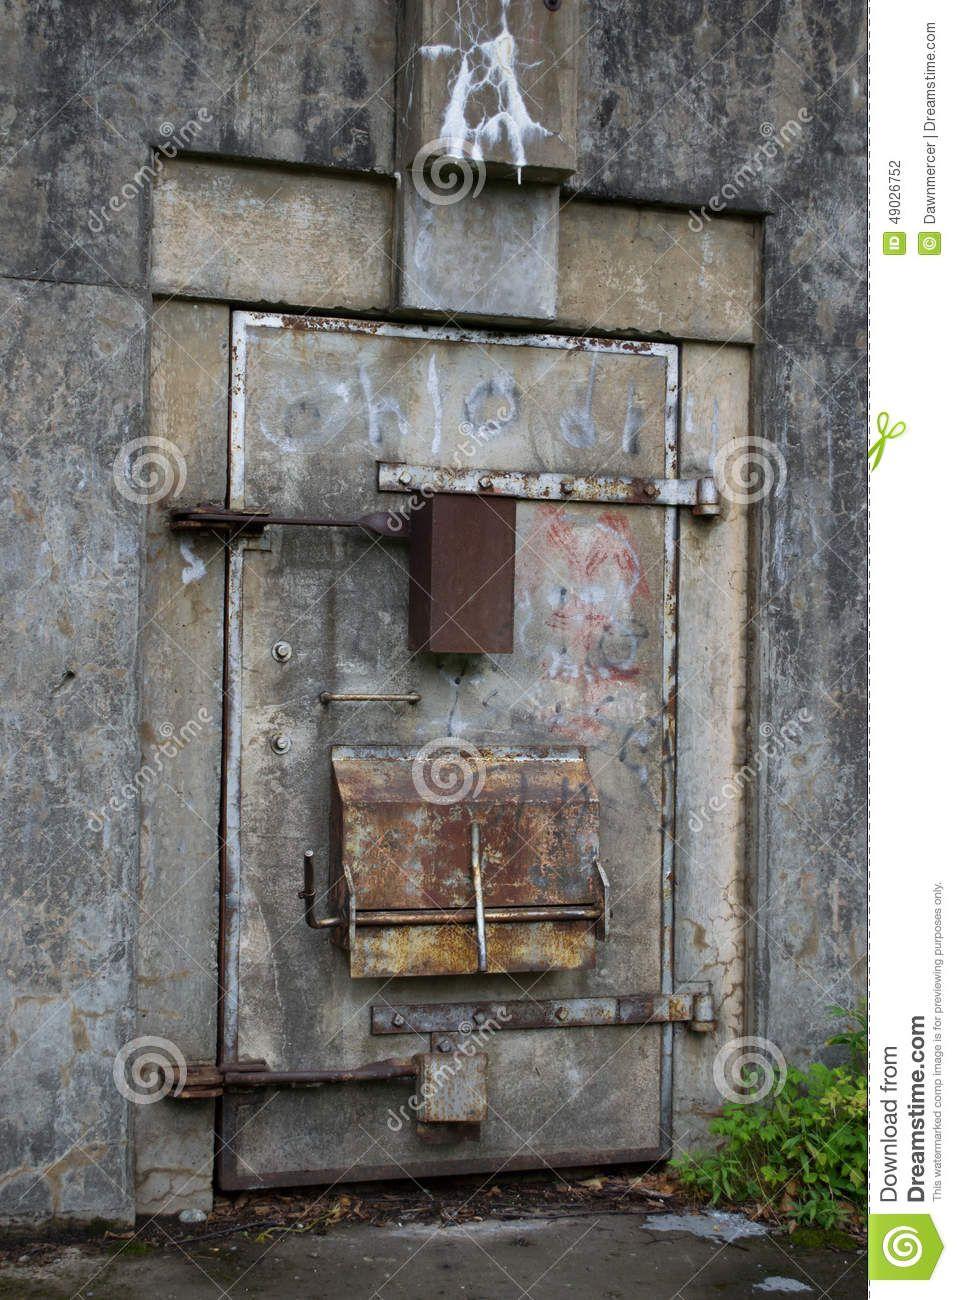 Old War Bunker Door With Graffiti Old War Bunker In